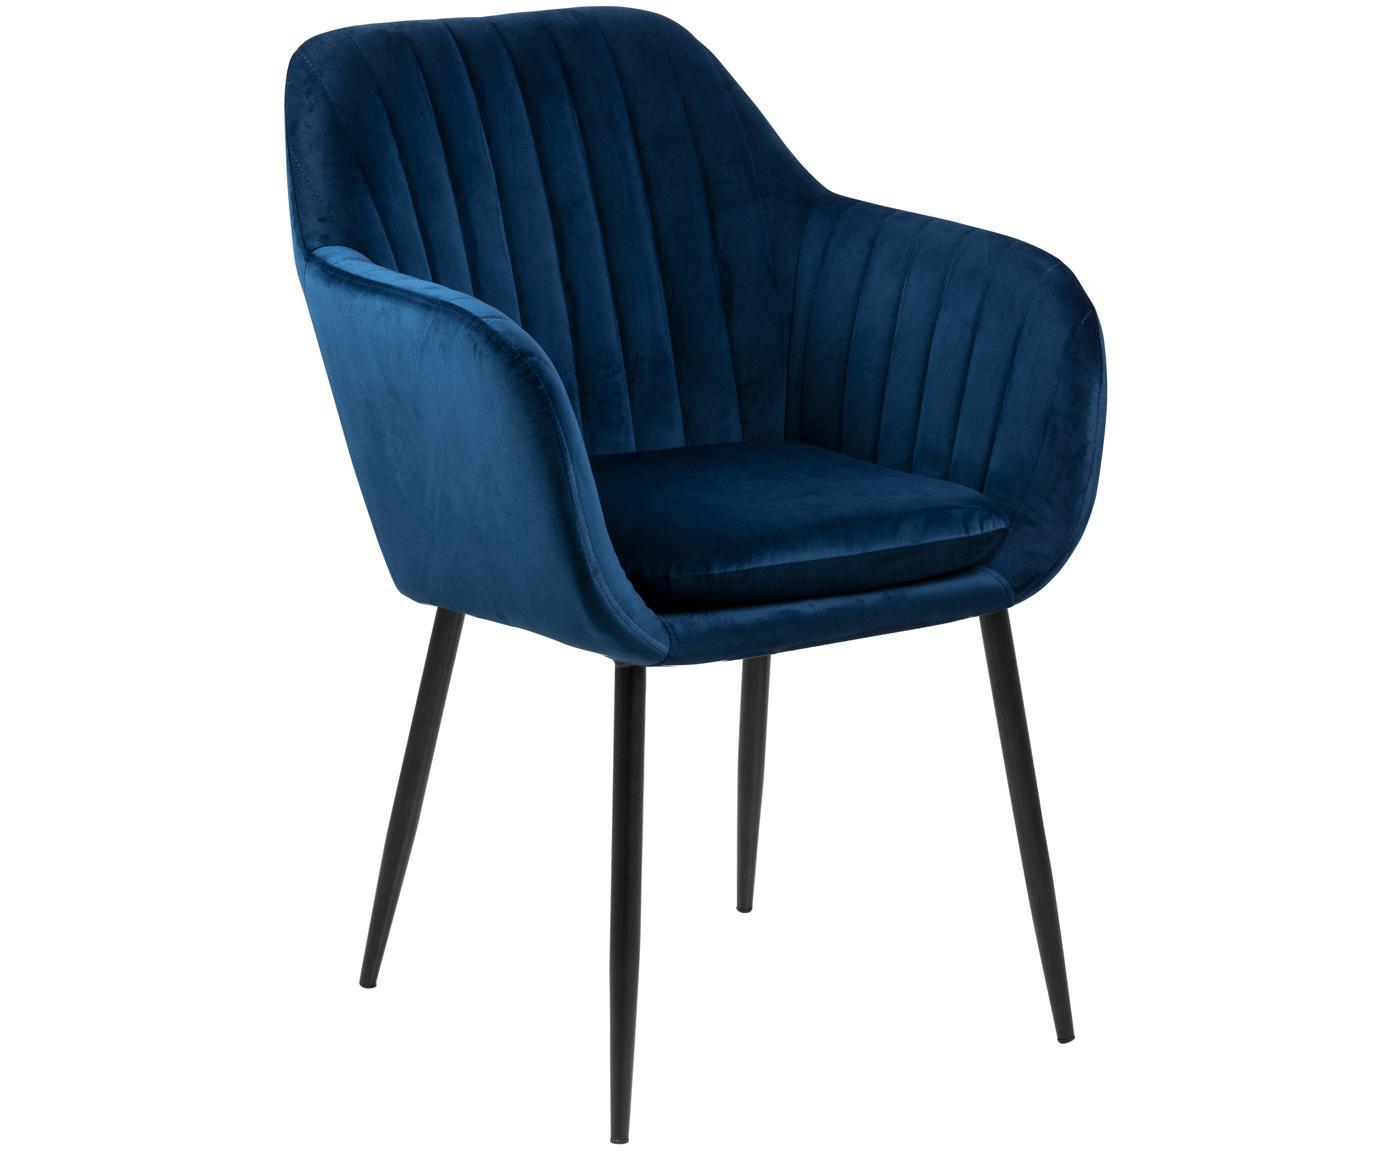 Fluwelen armstoel Emilia, Bekleding: polyester fluweel, Poten: gelakt metaal, Donkerblauw, zwart, B 57 x D 59 cm